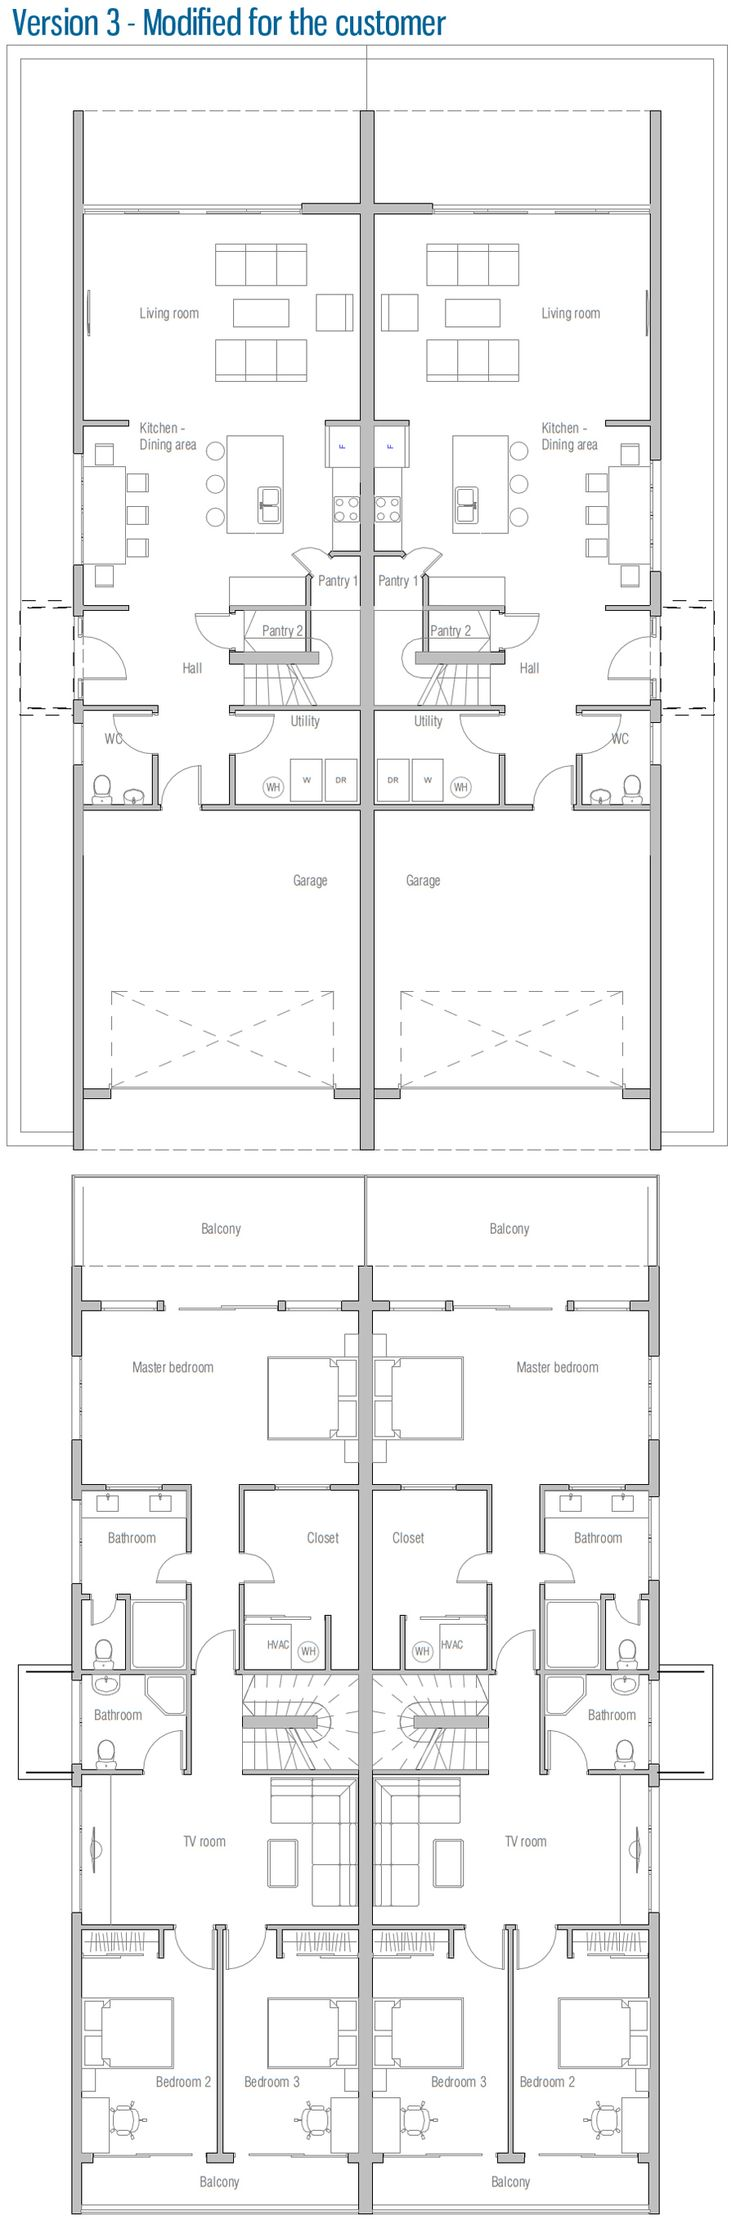 house design semi-detached-house-plan-CO83d-2 30